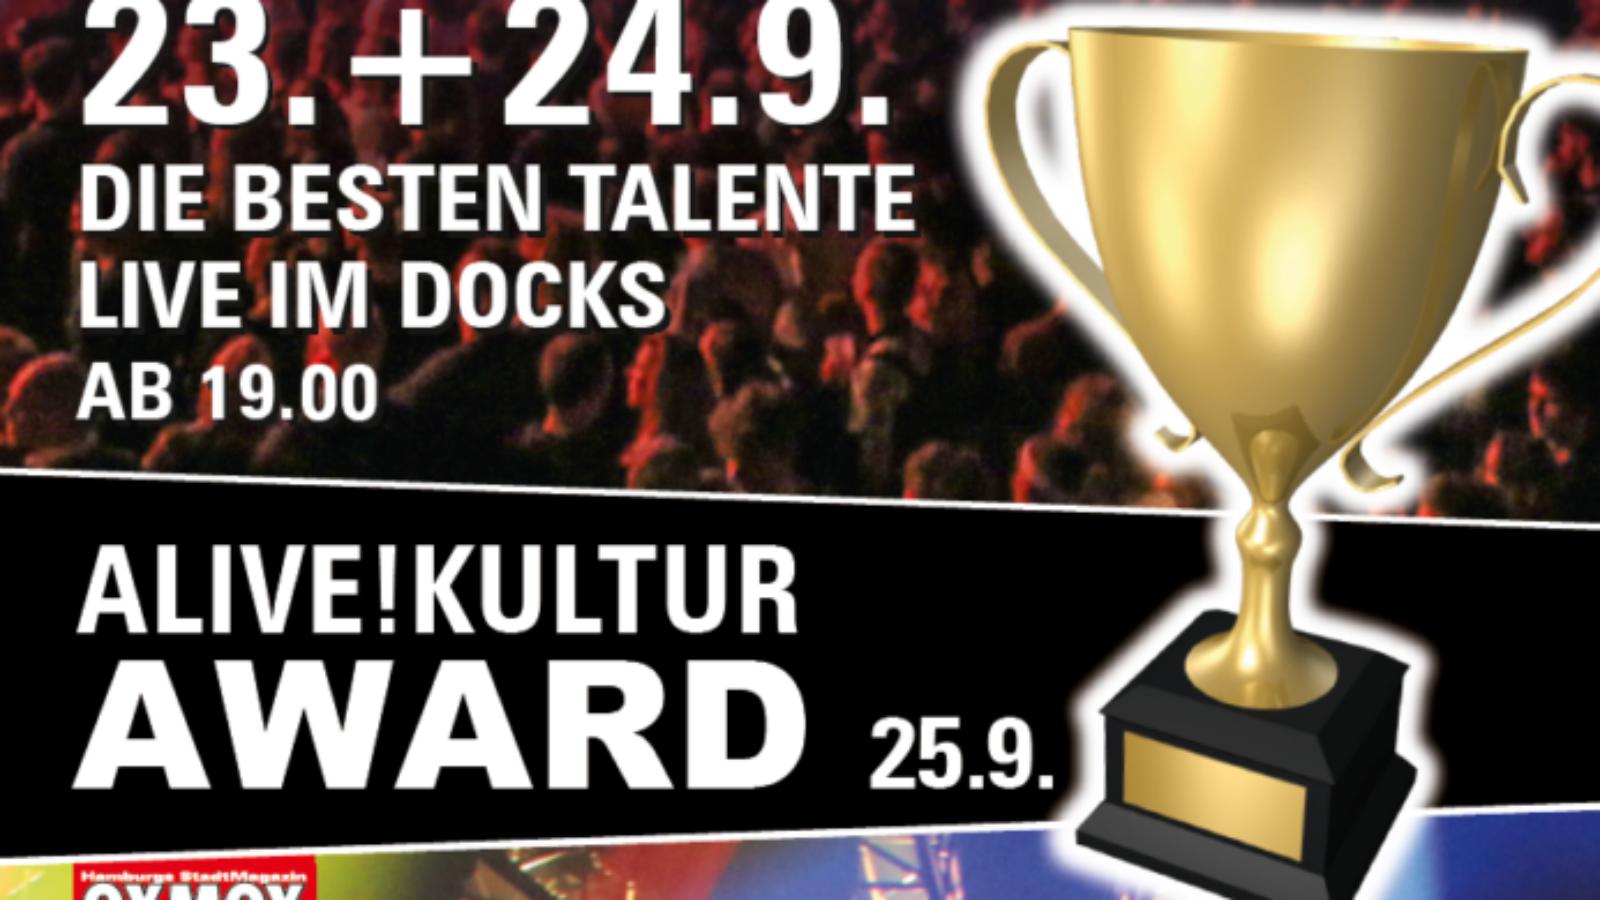 REEPERBAHN ALIVE! Festival 23.-25.9. Docks